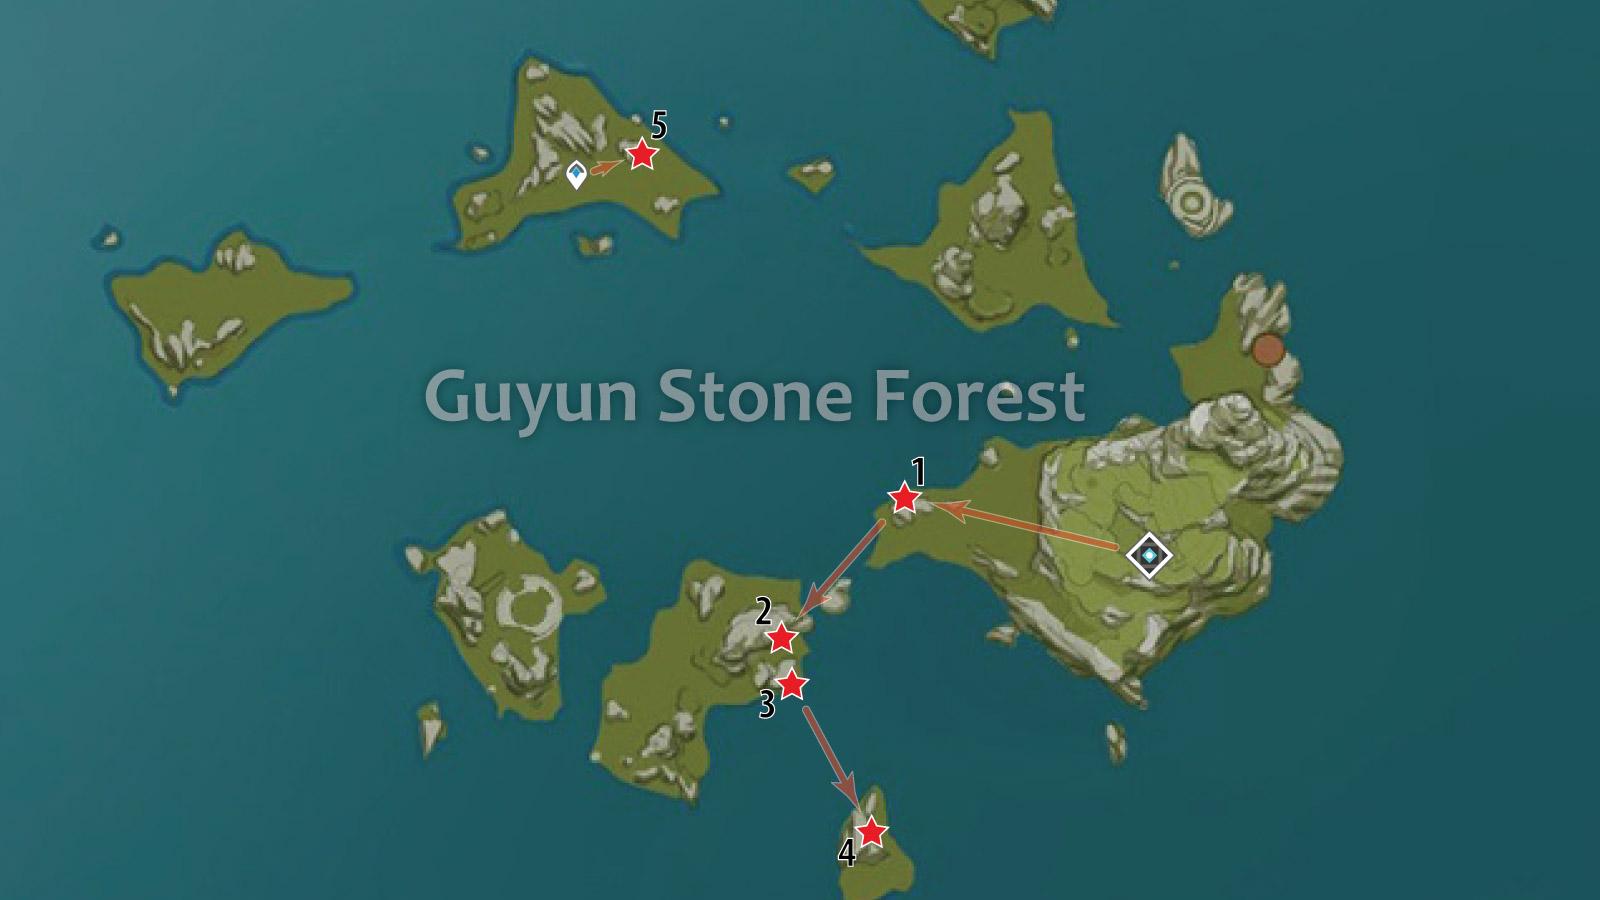 Fastest Crystal Chunk Farming In Genshin Impact